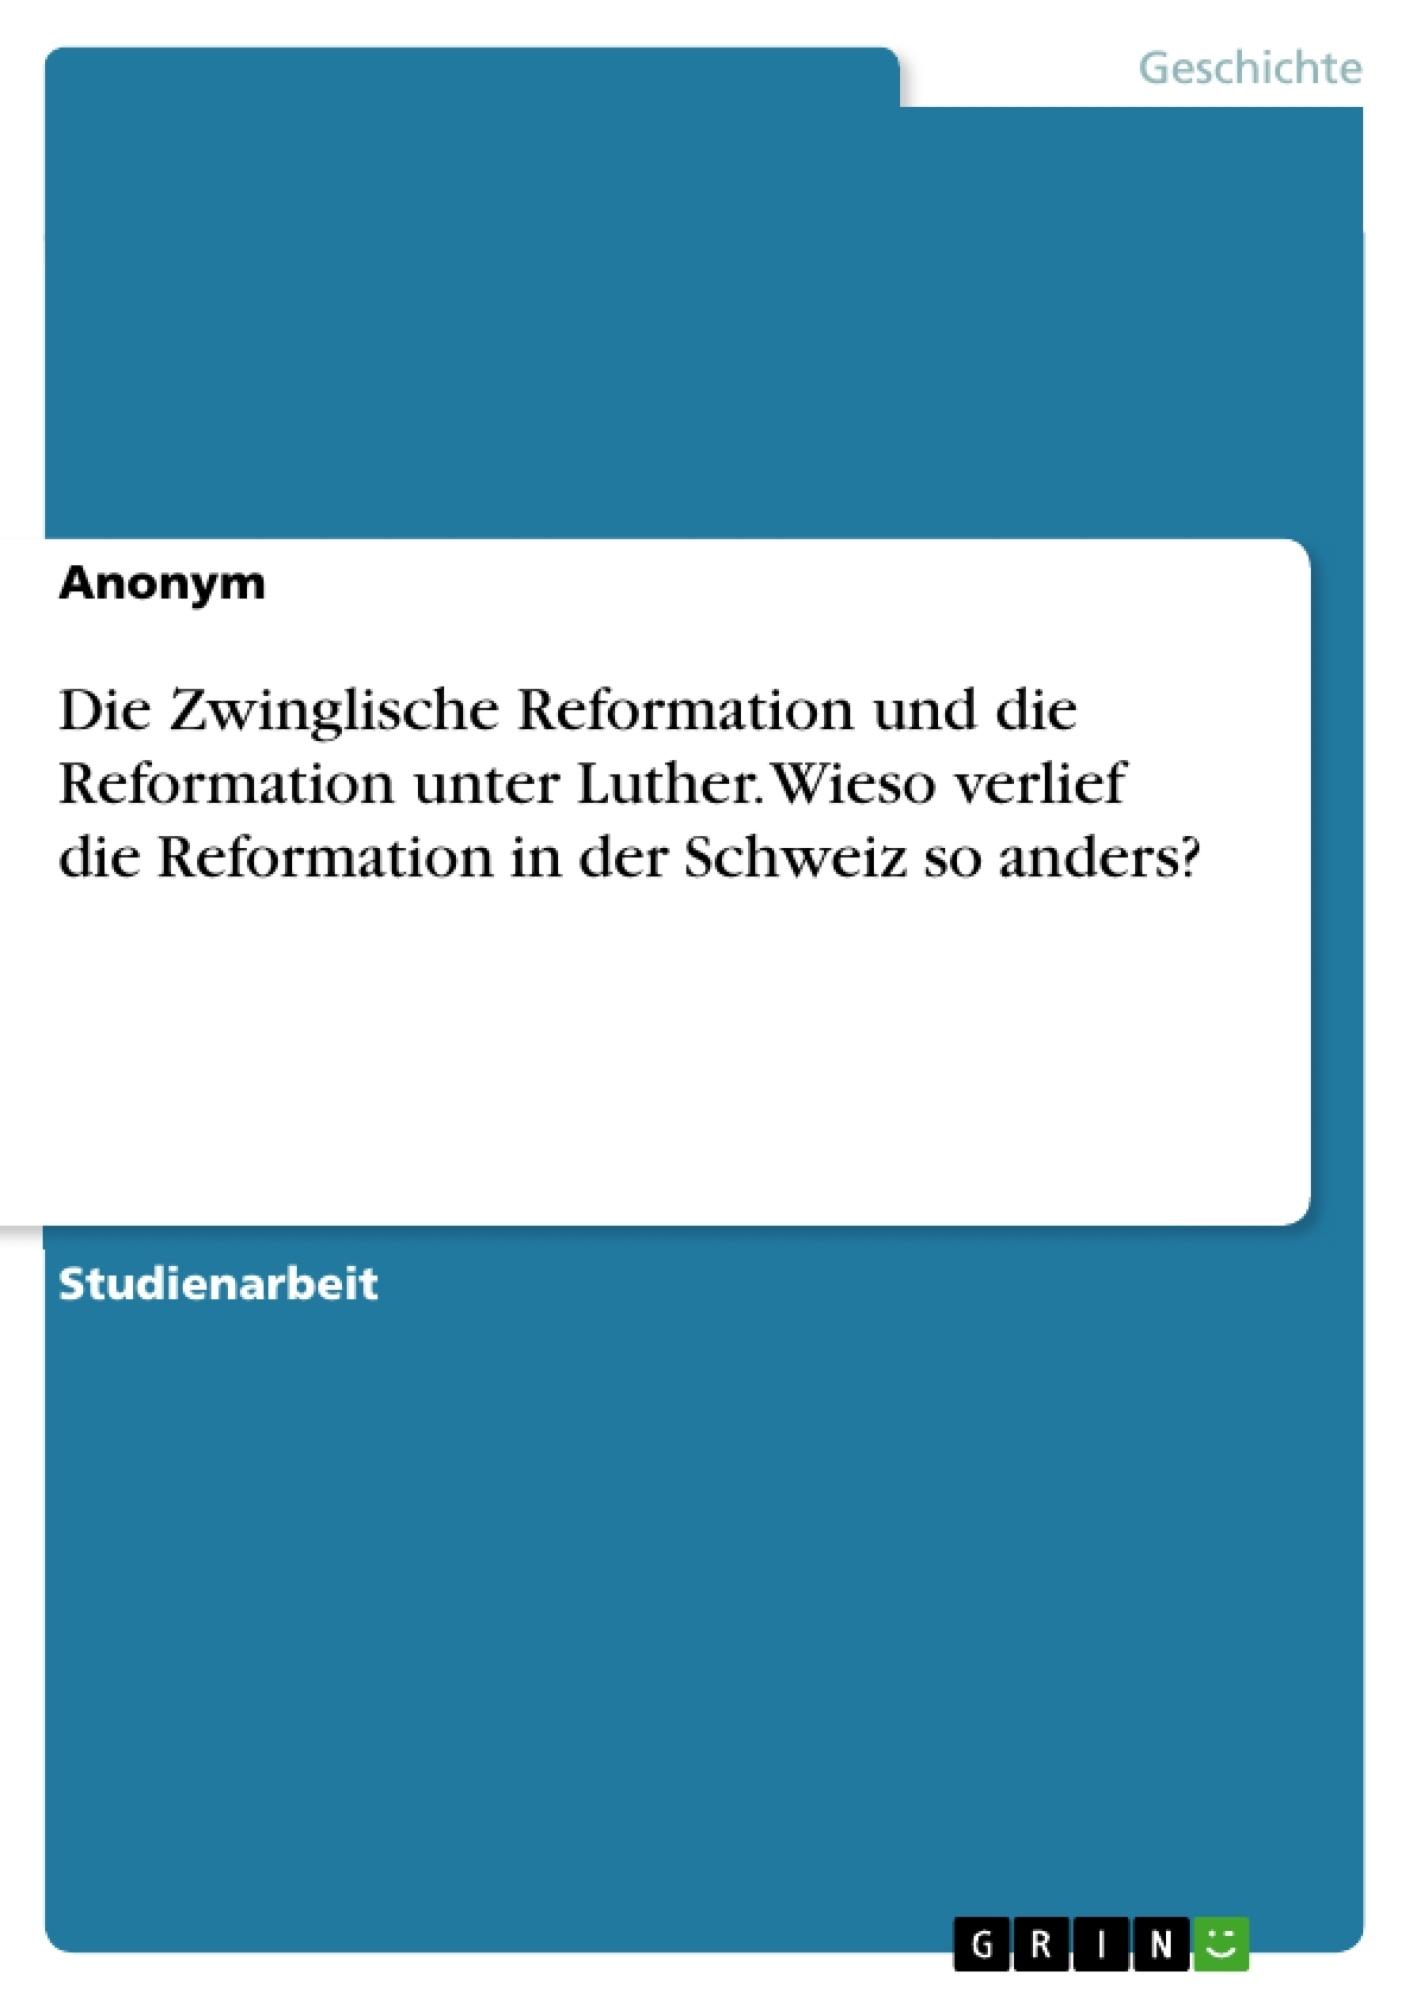 Titel: Die Zwinglische Reformation und die Reformation unter Luther. Wieso verlief die Reformation in der Schweiz so anders?